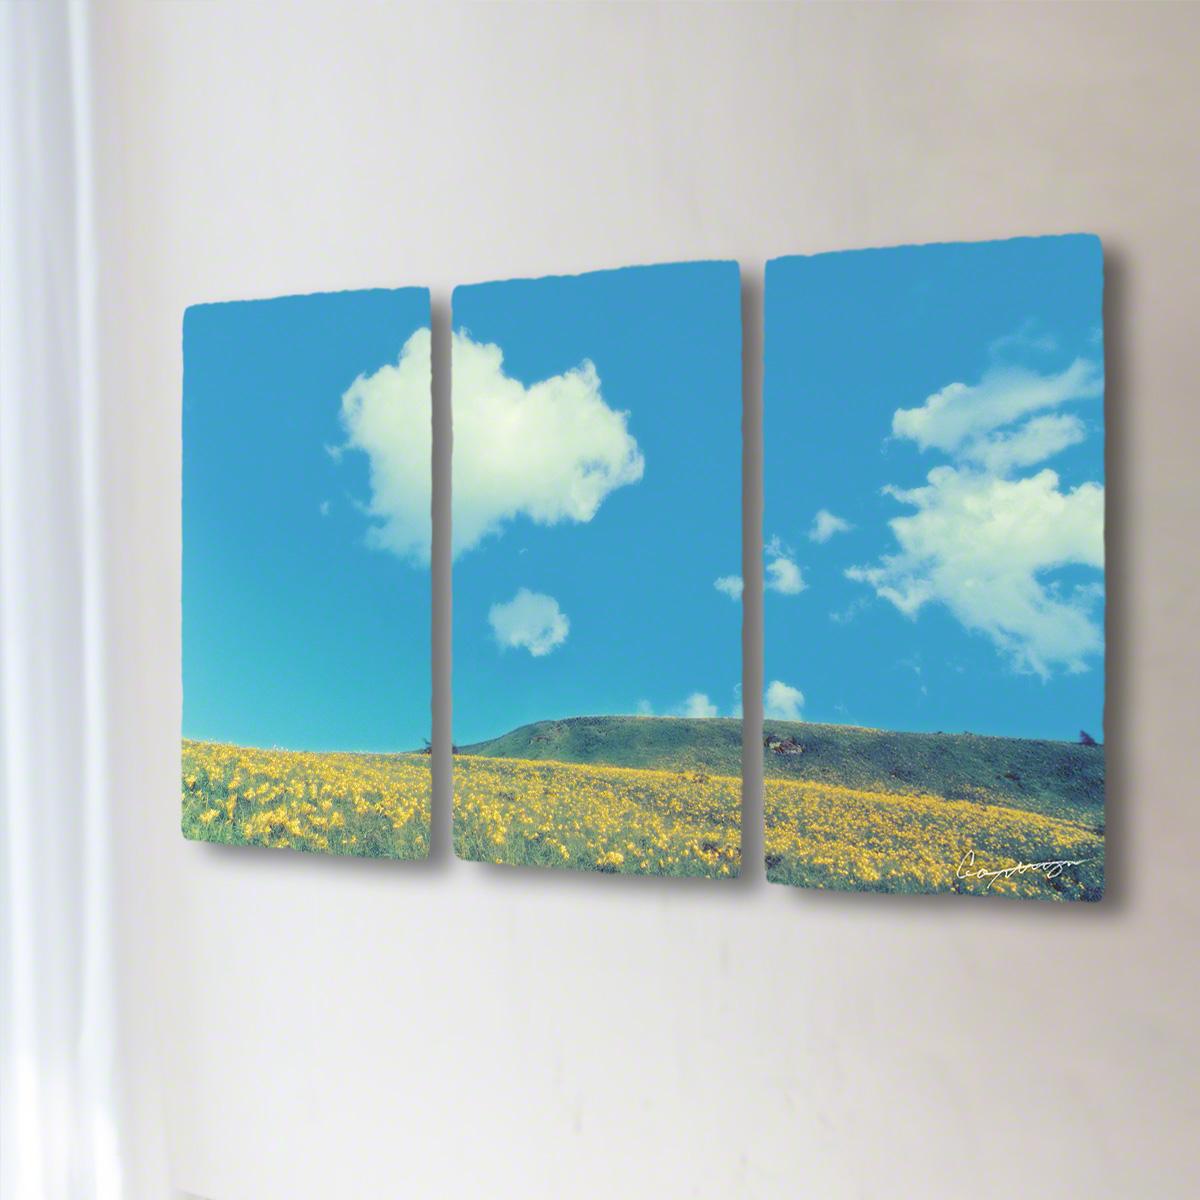 和紙 手作り アートパネル 3枚続き 「青い空と白い雲とニッコウキスゲの丘」(144x81cm) 絵画 絵 ポスター 壁掛け モダン アート 和風 オリジナル インテリア 風景画 ランキング おすすめ おしゃれ 人気 キッチン リビング ダイニング 玄関 和室